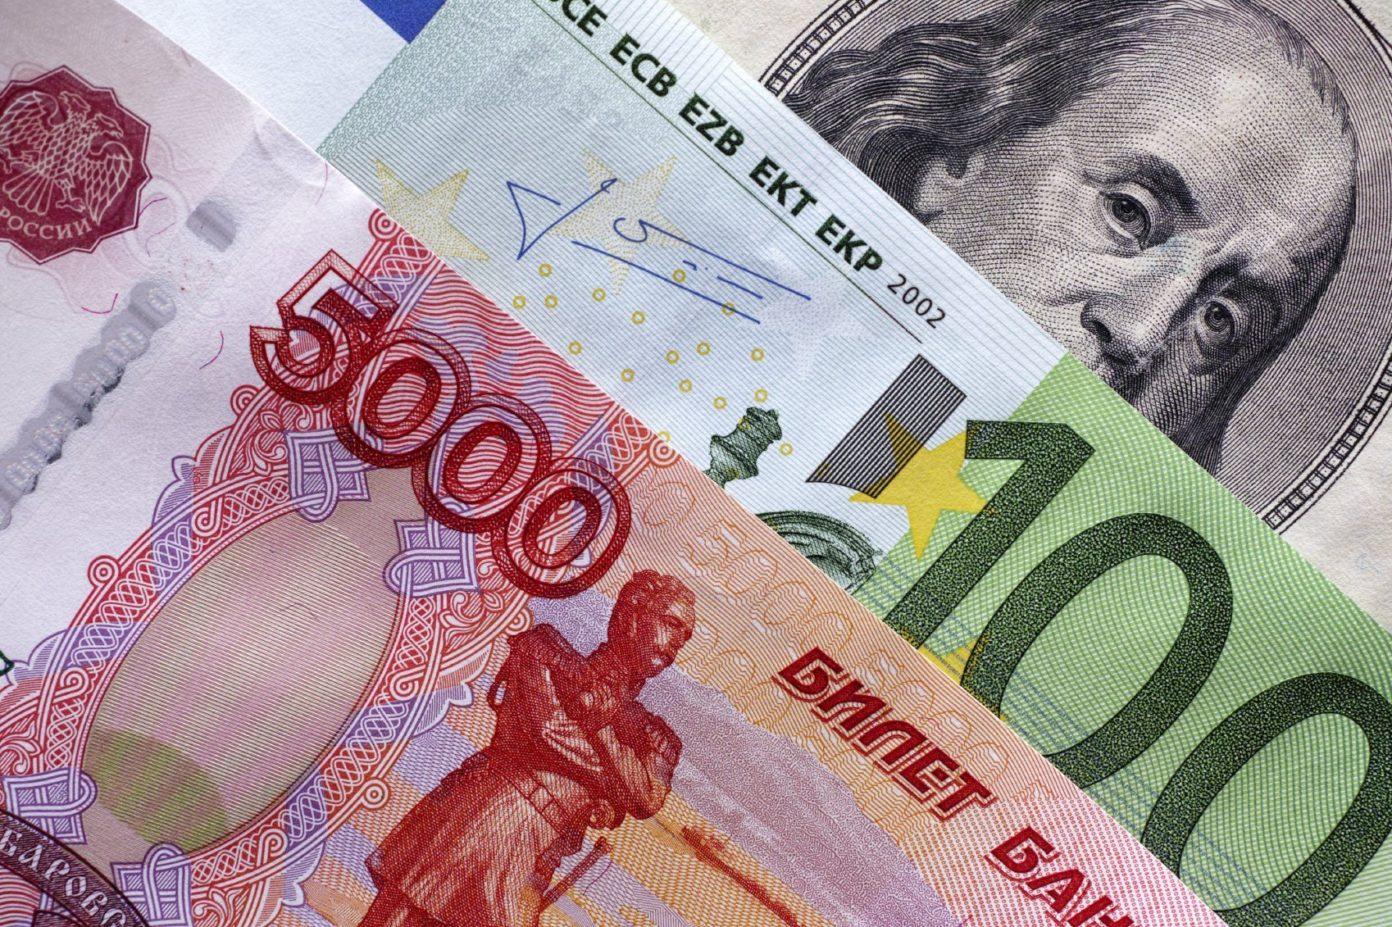 На Белорусской валютно-фондовой бирже 2 сентября прошли очередные торги валютами.